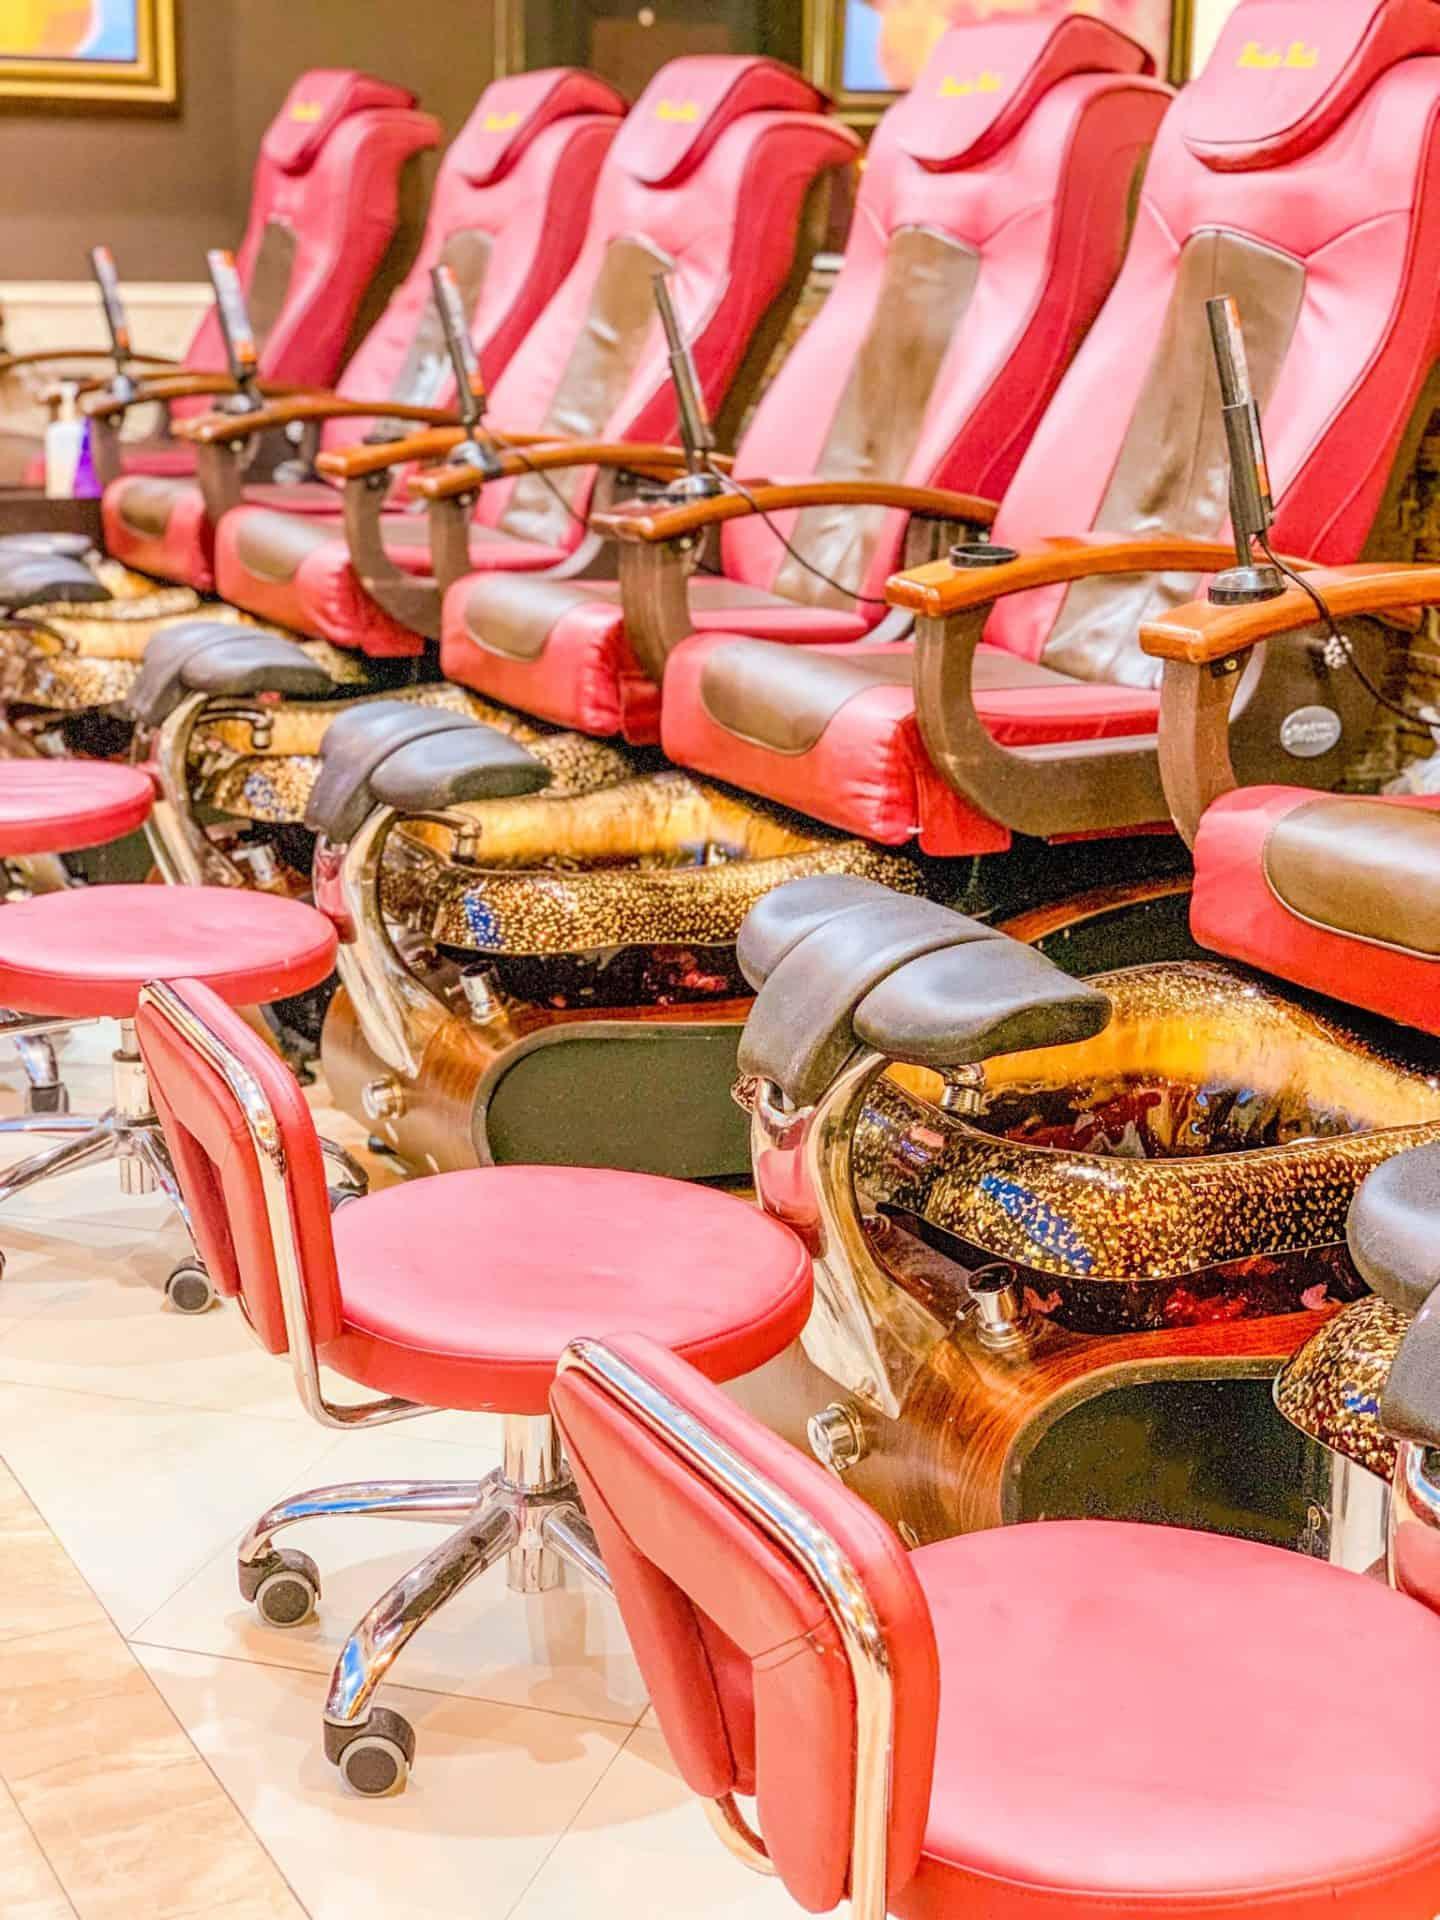 ShaundaNecole.com | Wonder Nails salon and spa massage chairs